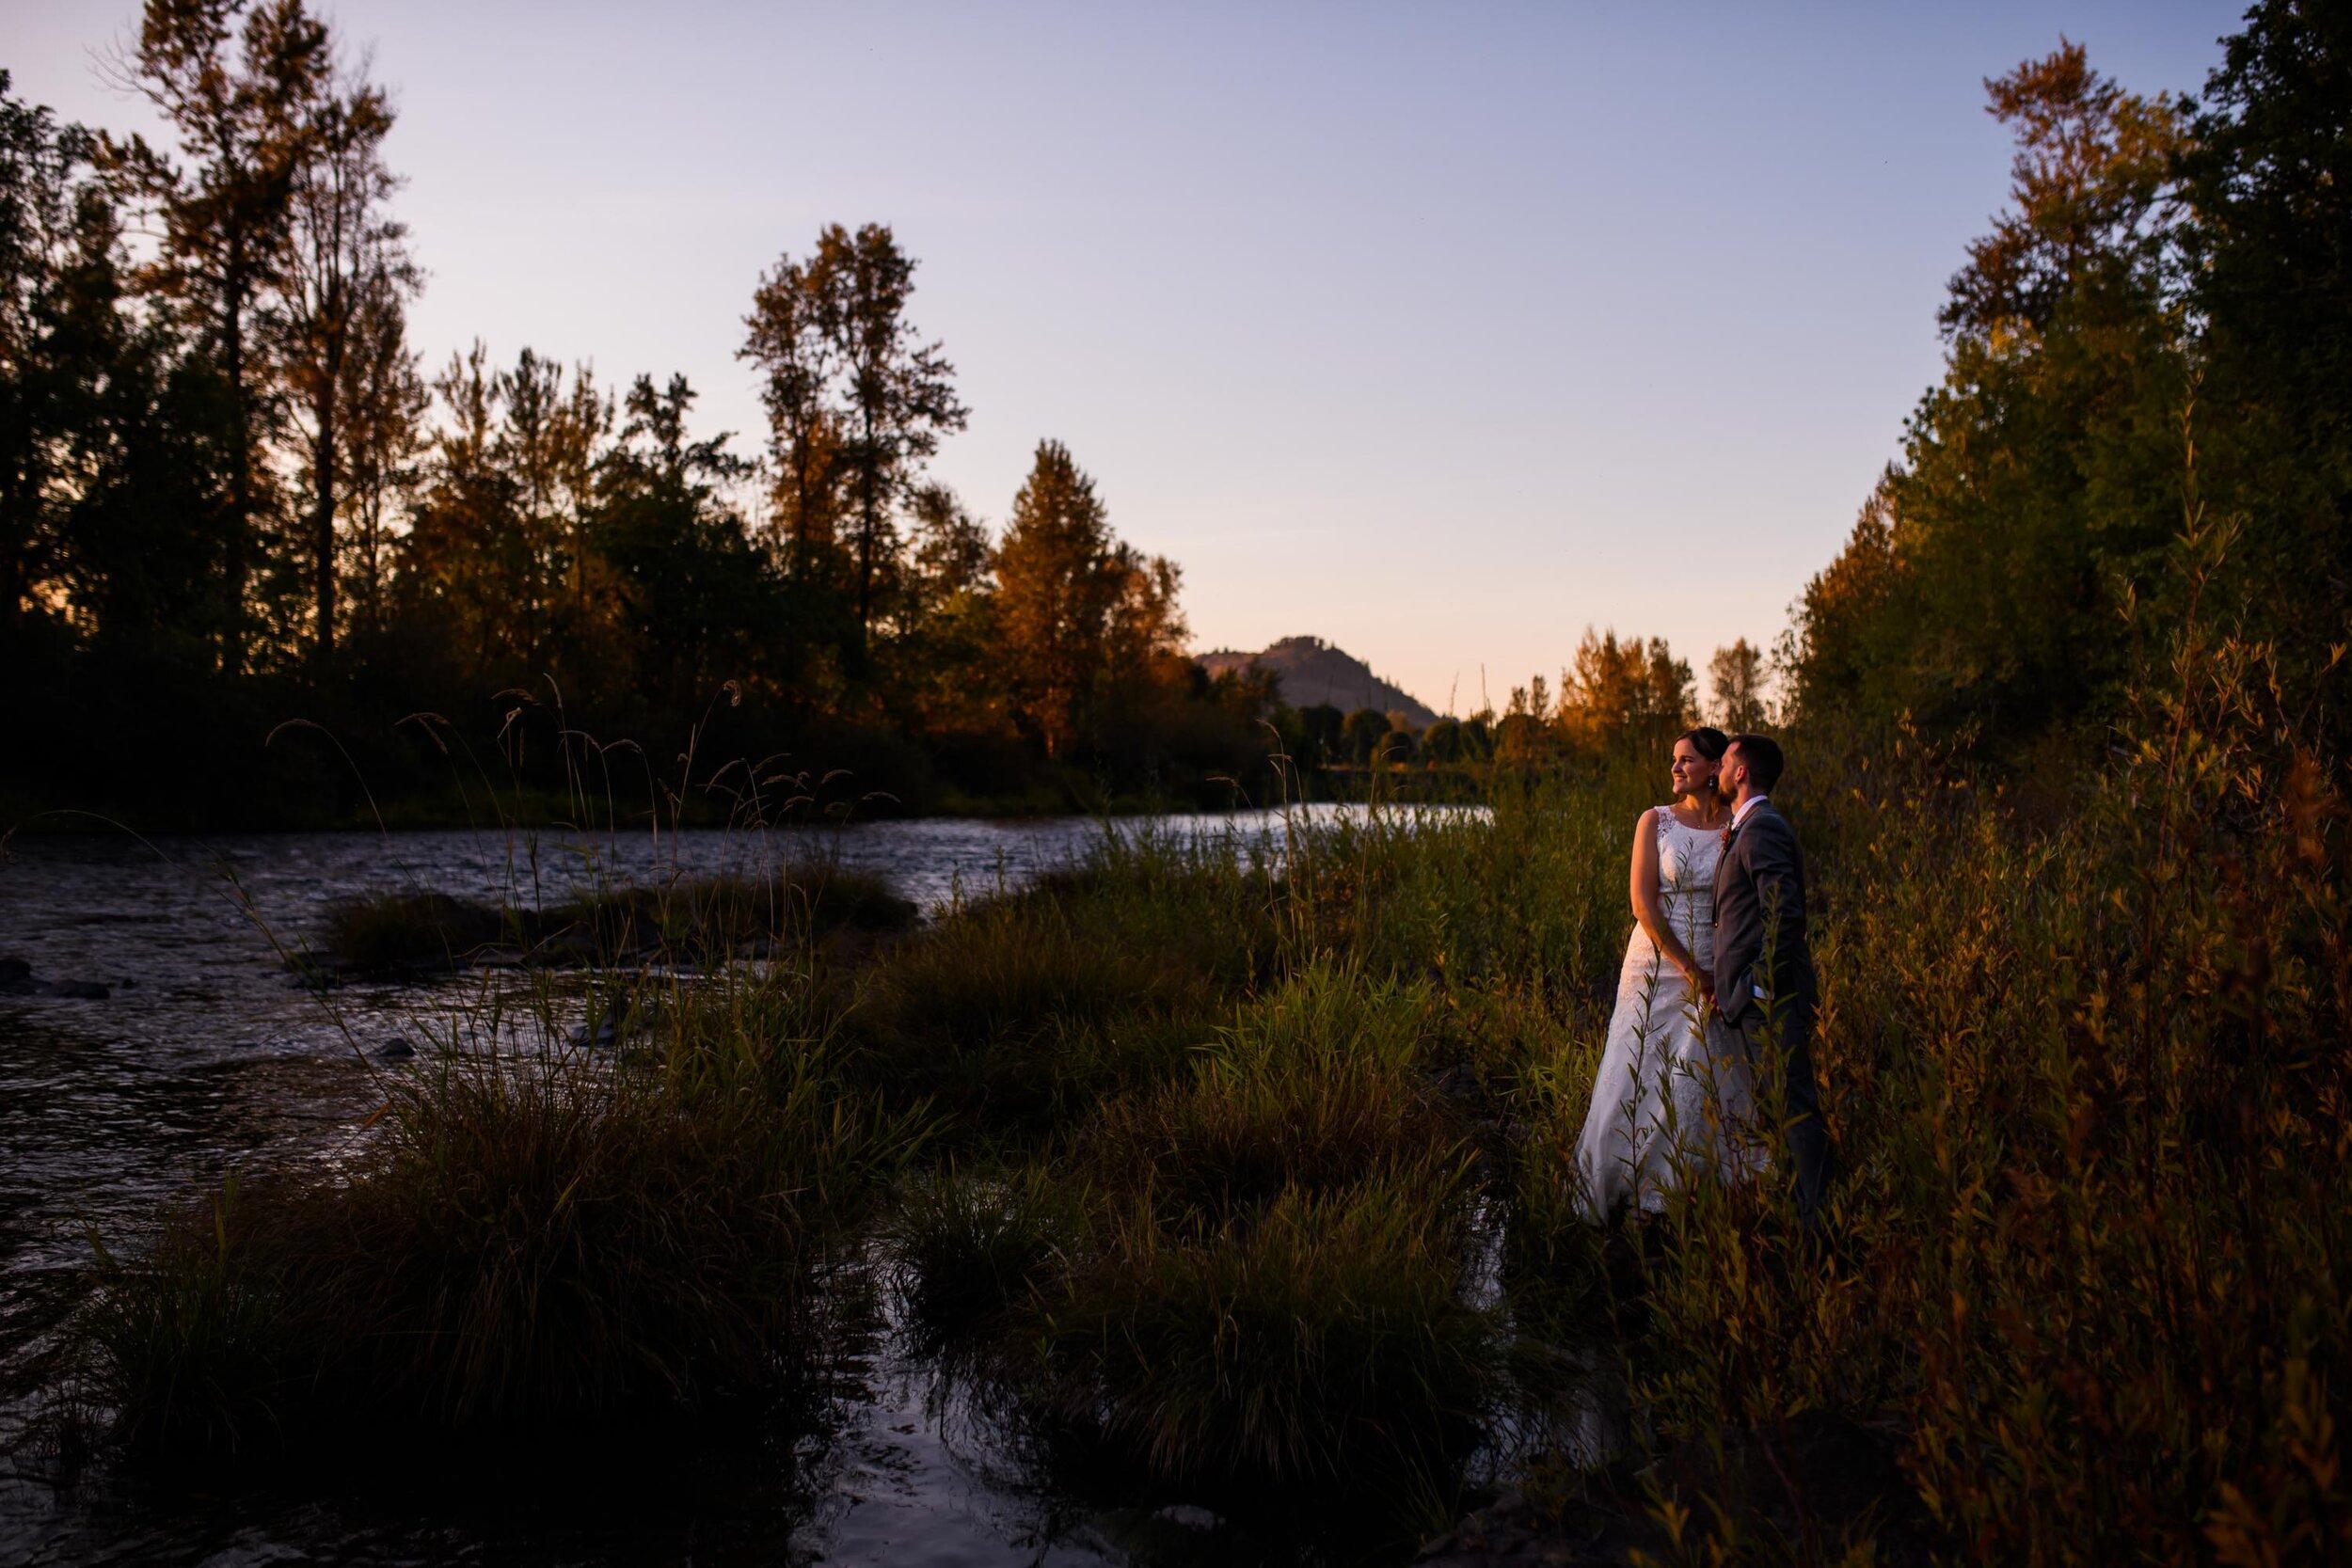 Mt. Pisgah Arboretum wedding photos 112.JPG